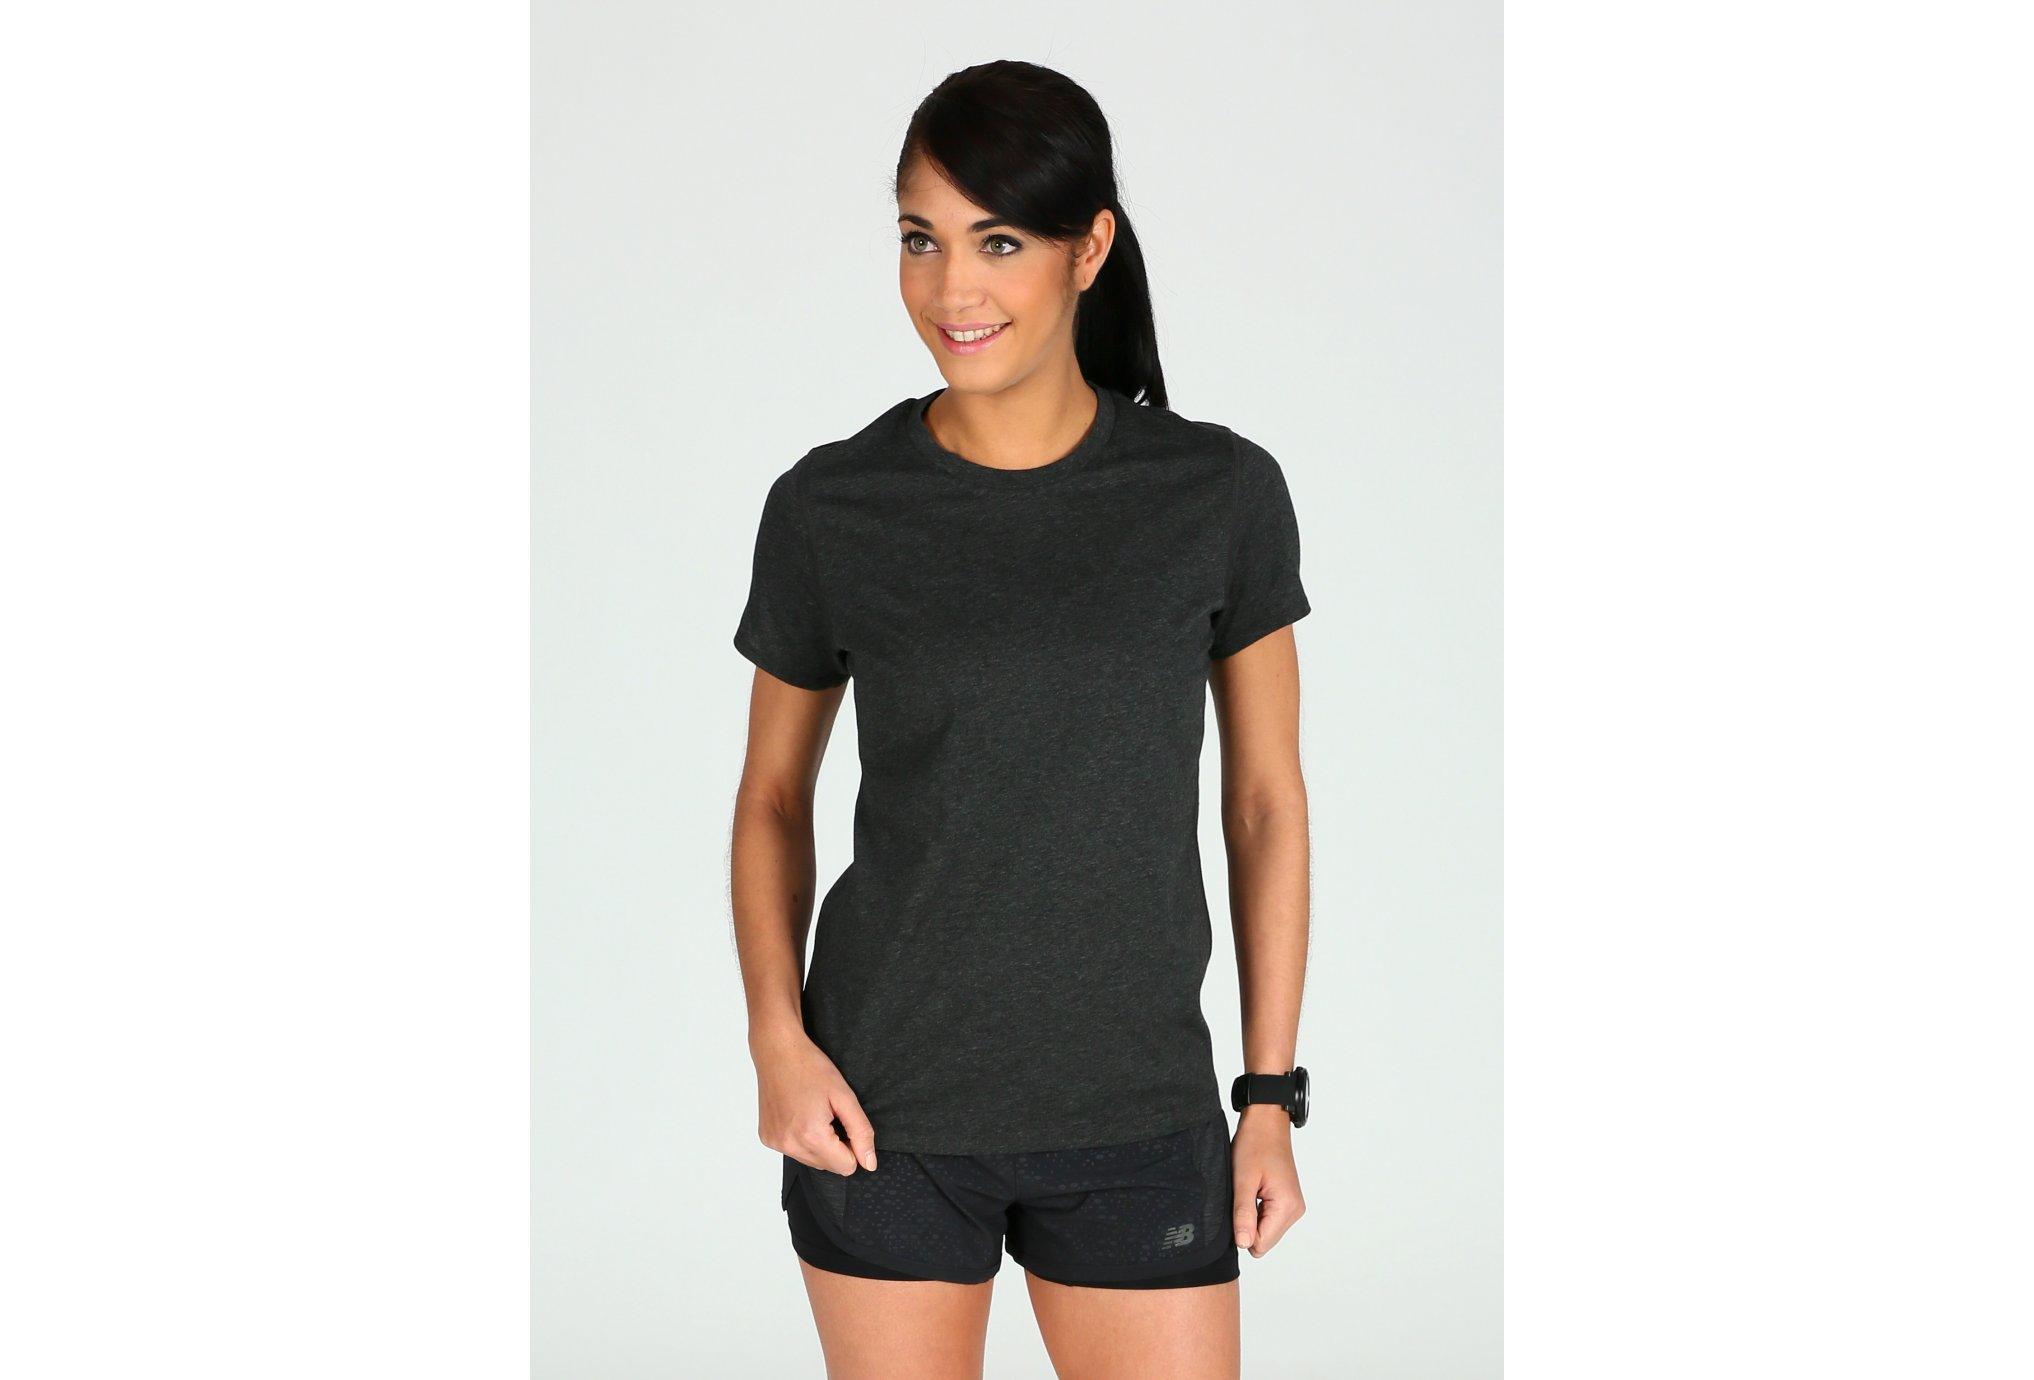 acheter en ligne 7d866 70494 Raid Sénon Aventure - New Balance Heather Tech W vêtement ...